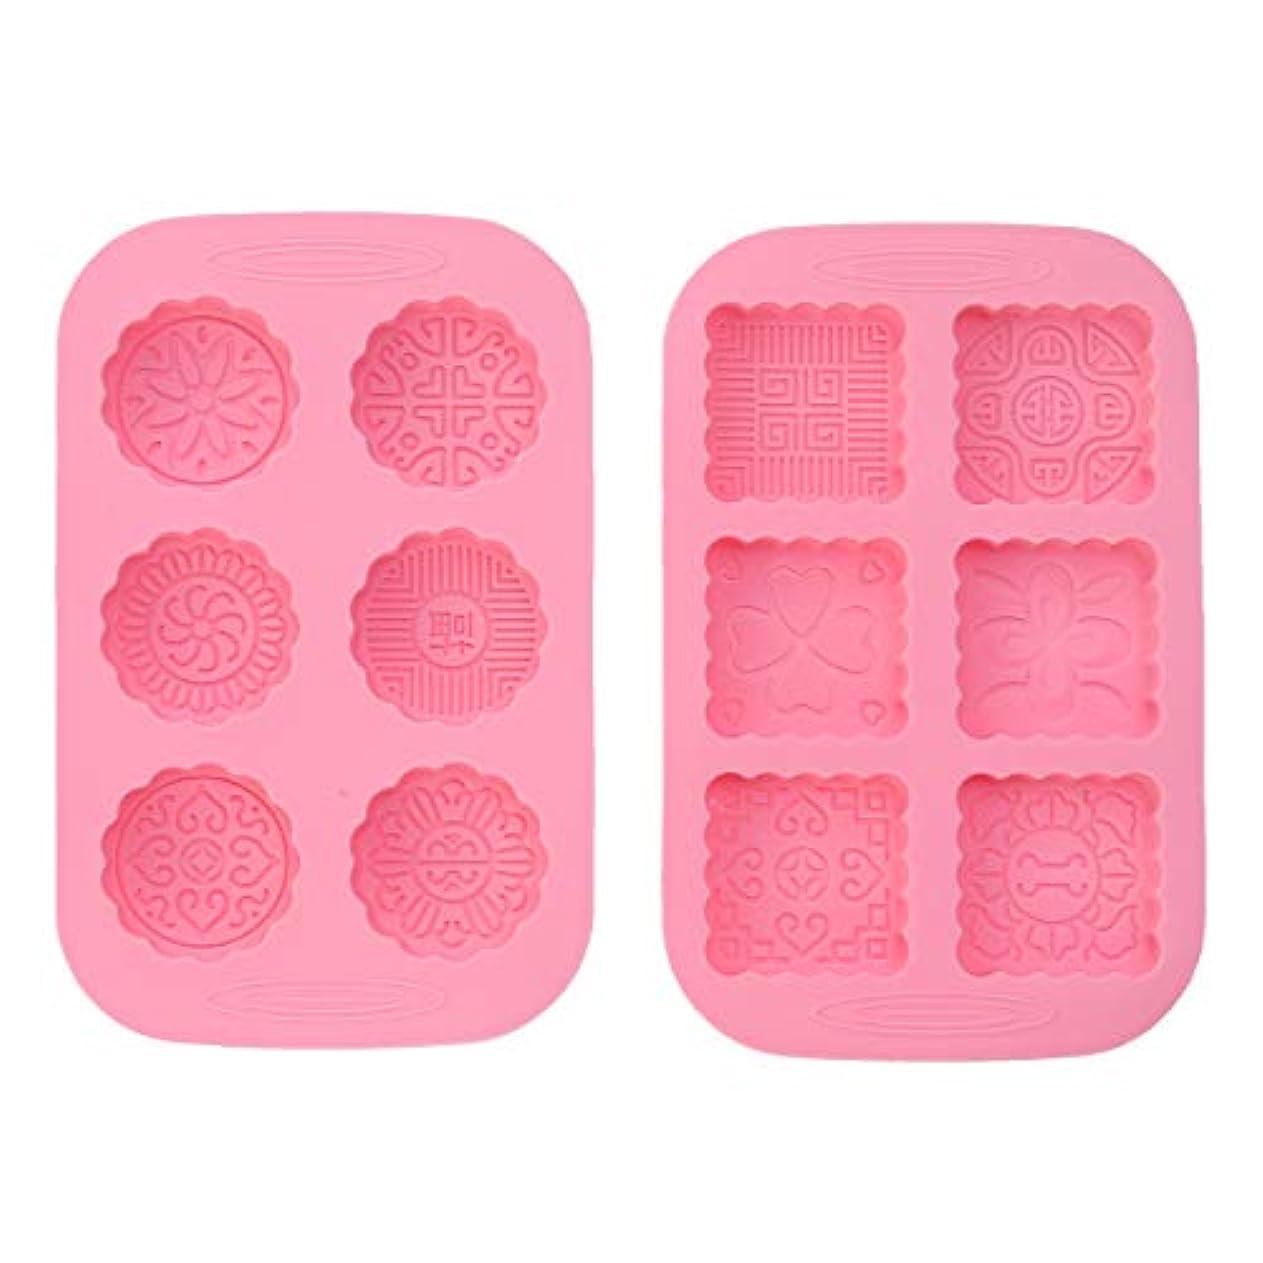 何硬い知り合いHealifty チョコレート石鹸パンのための2本の月餅型の花型(ピンク)